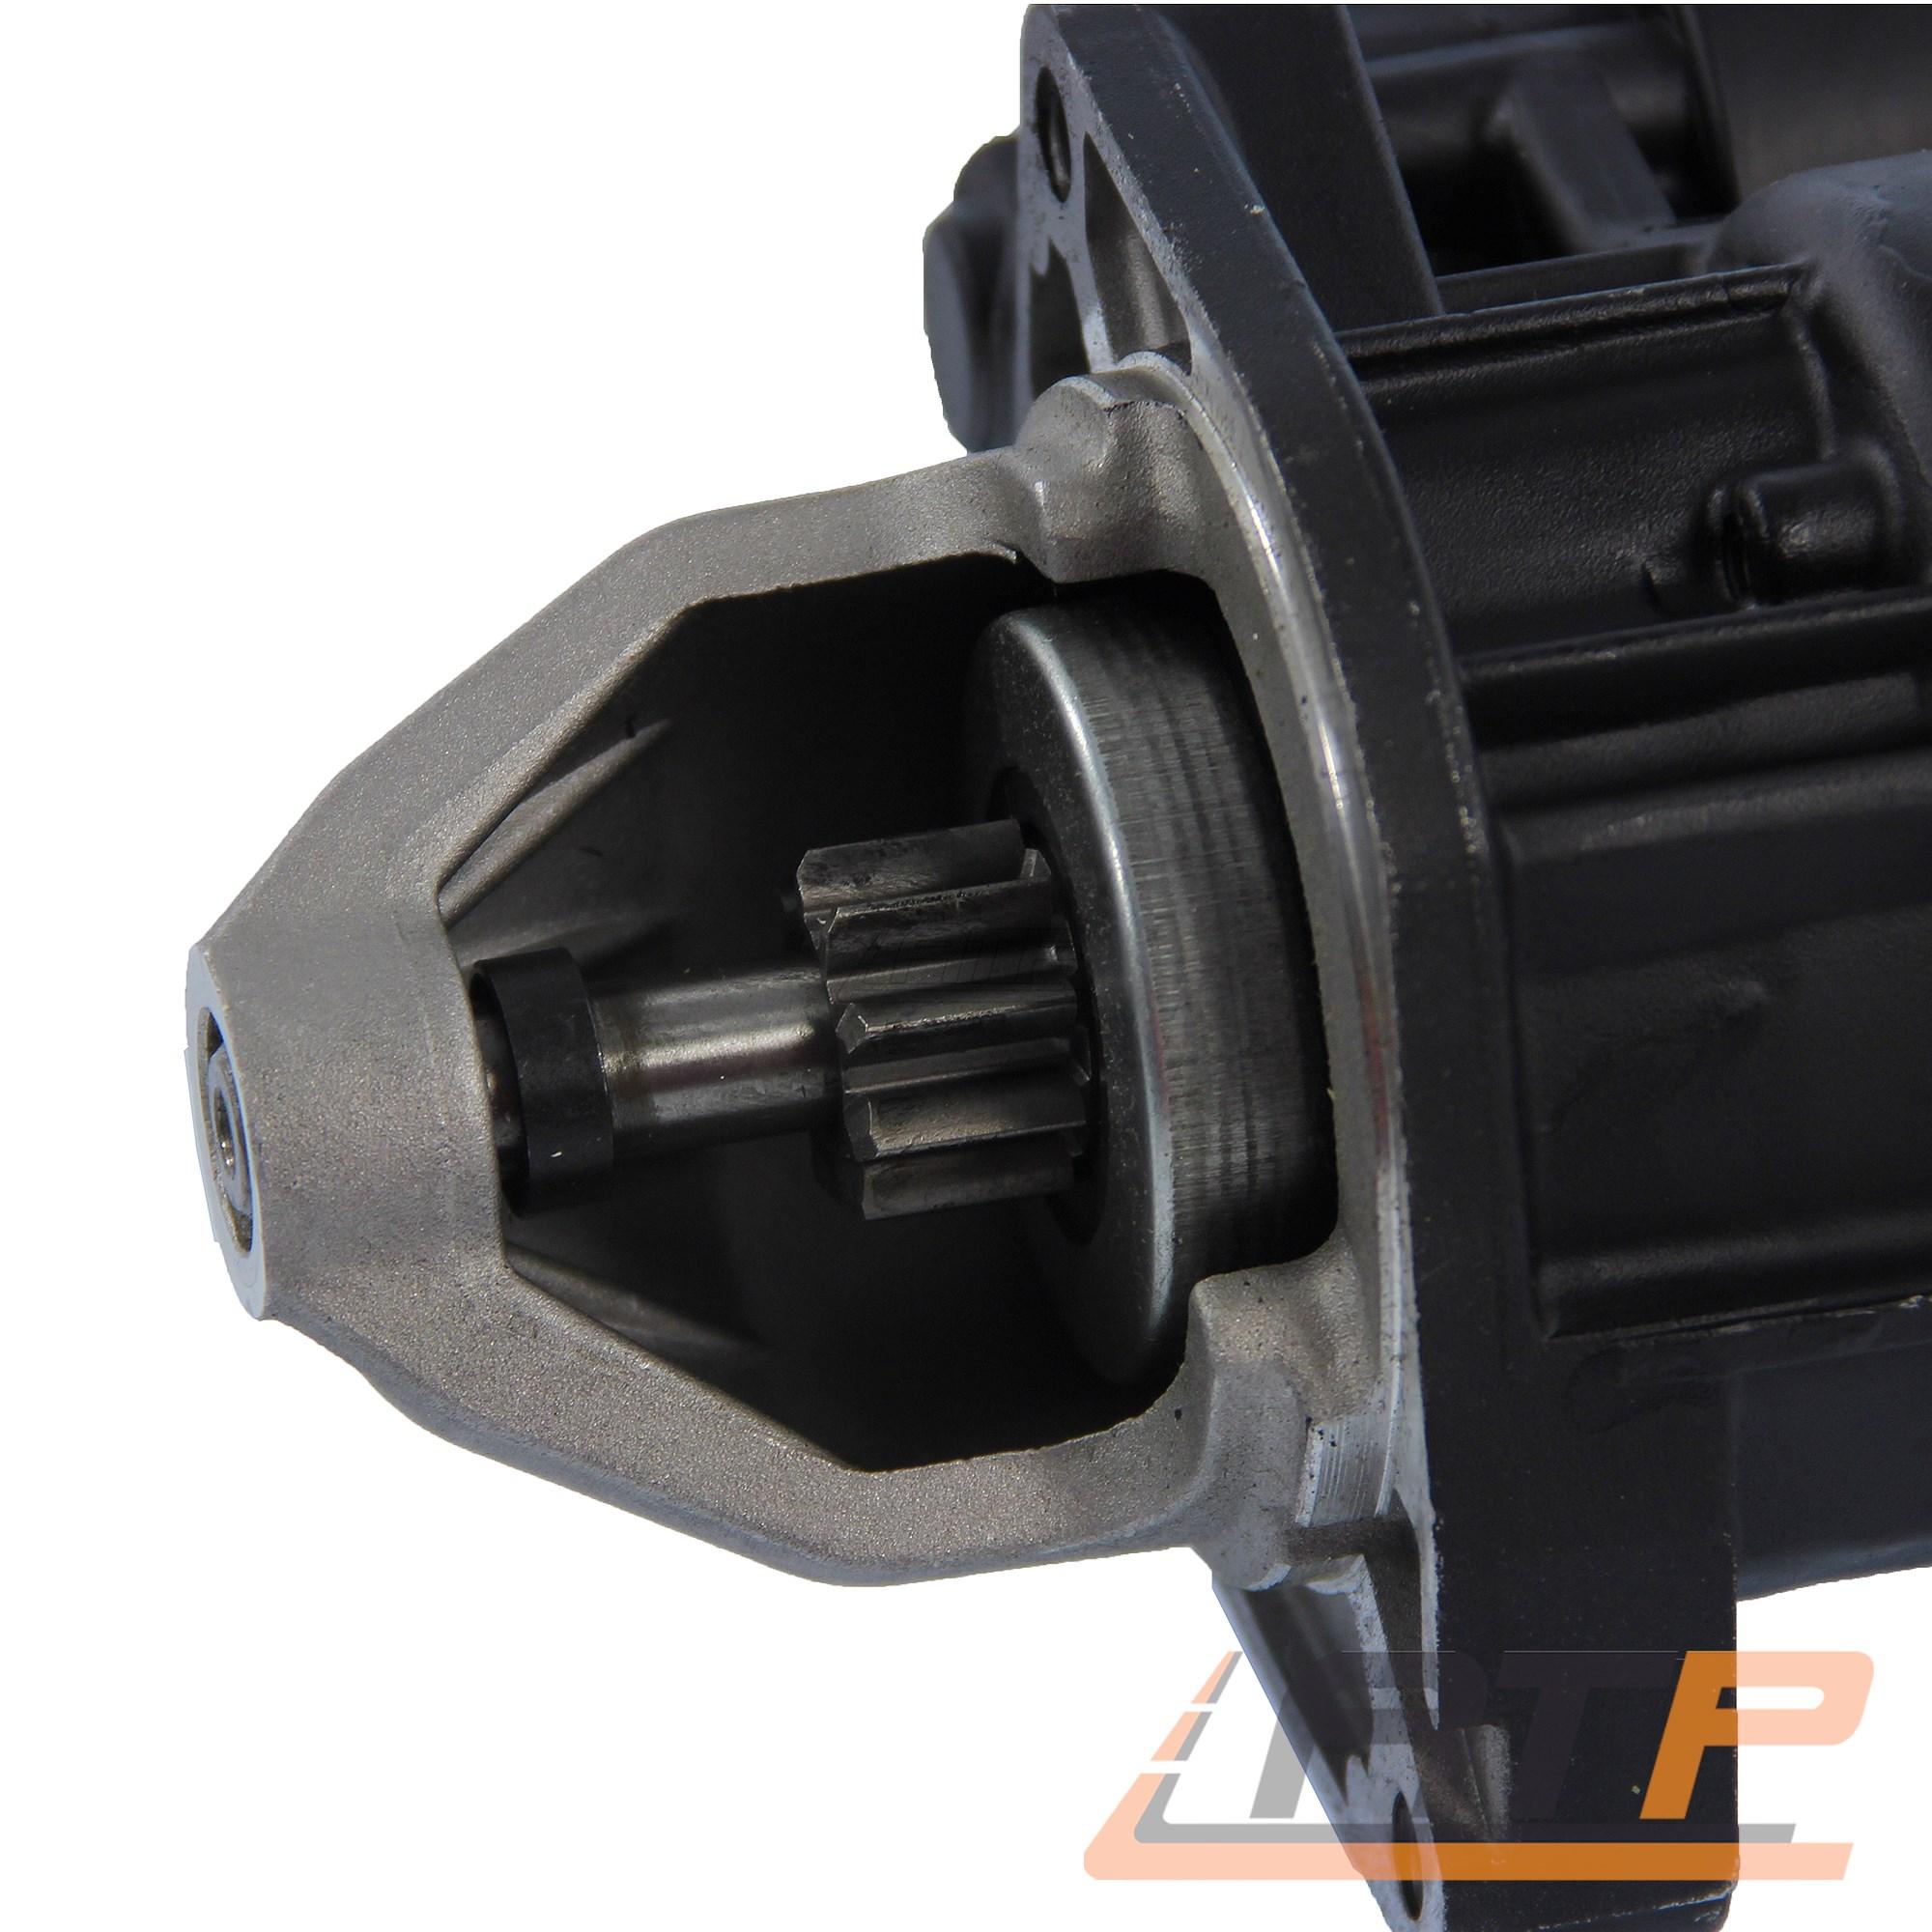 STARTER ANLASSER 2,2 kW FÜR CITROEN C25 1.9 TD DT BJ 91-94